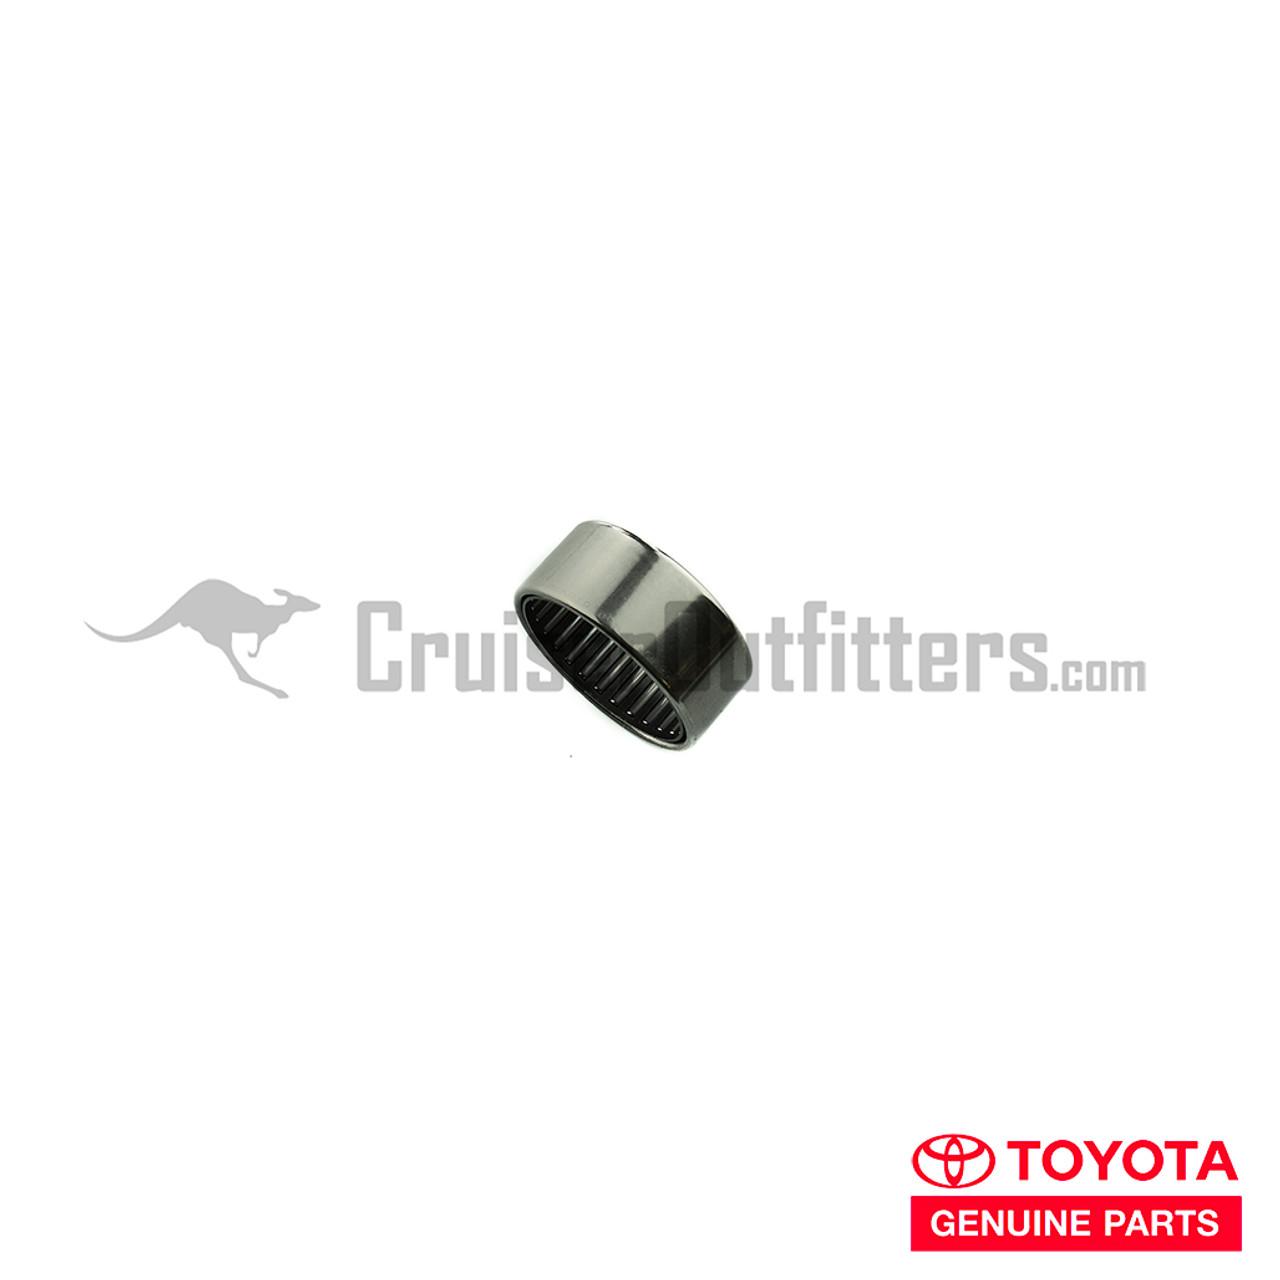 OEM Spindle Bearing - Fits 100 Series & Late 8x Series (HUB33011)